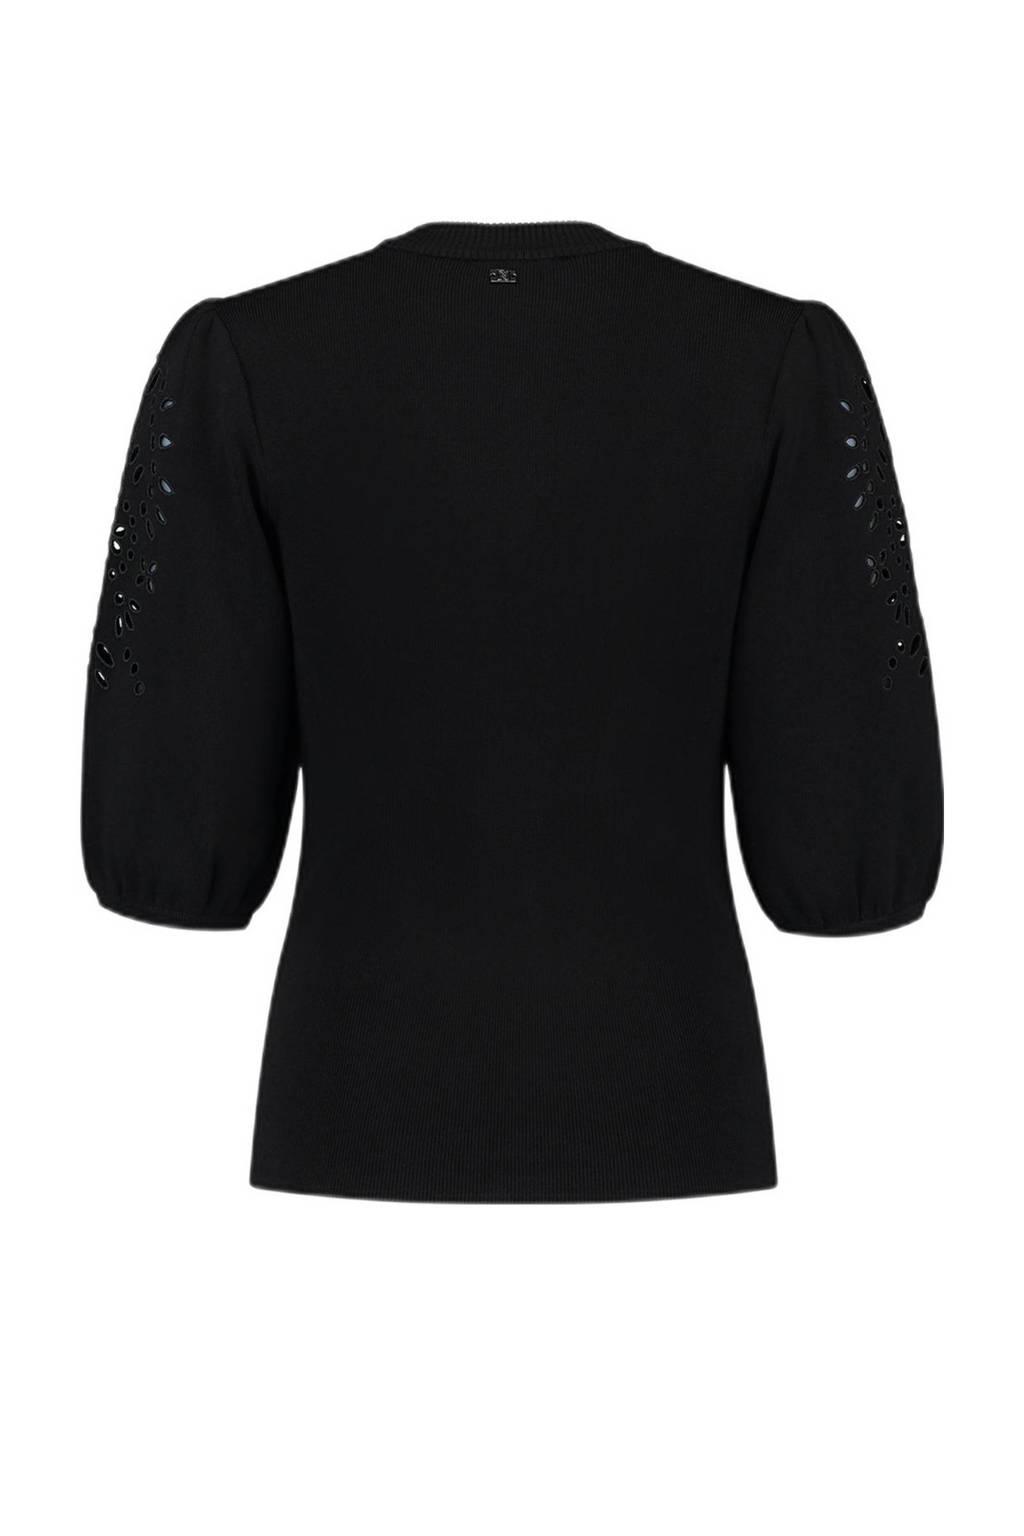 NIKKIE top Polette met open detail zwart, Zwart